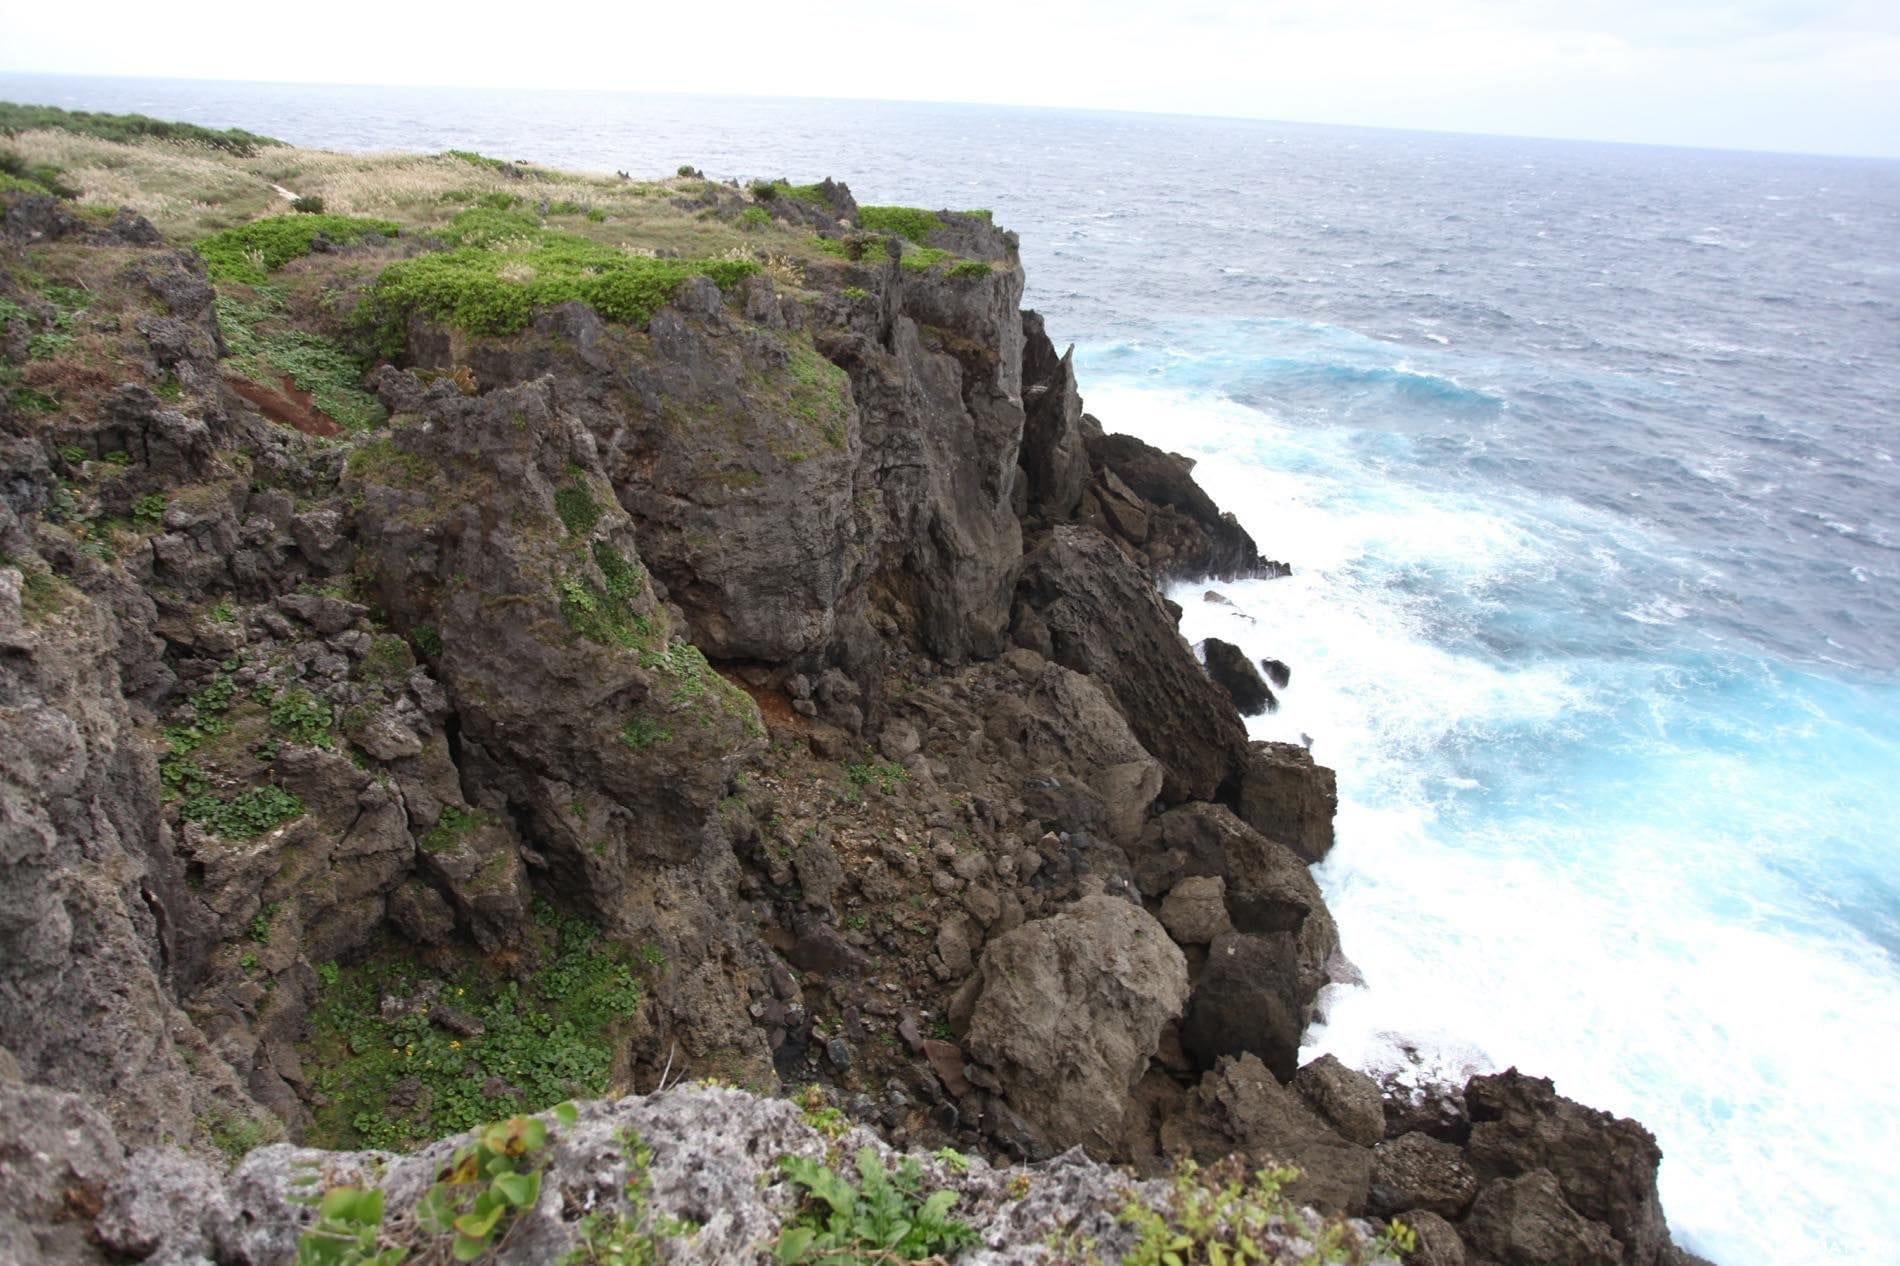 【鹿児島】サンゴ起源の鍾乳洞の島、沖永良部島の観光スポット10選